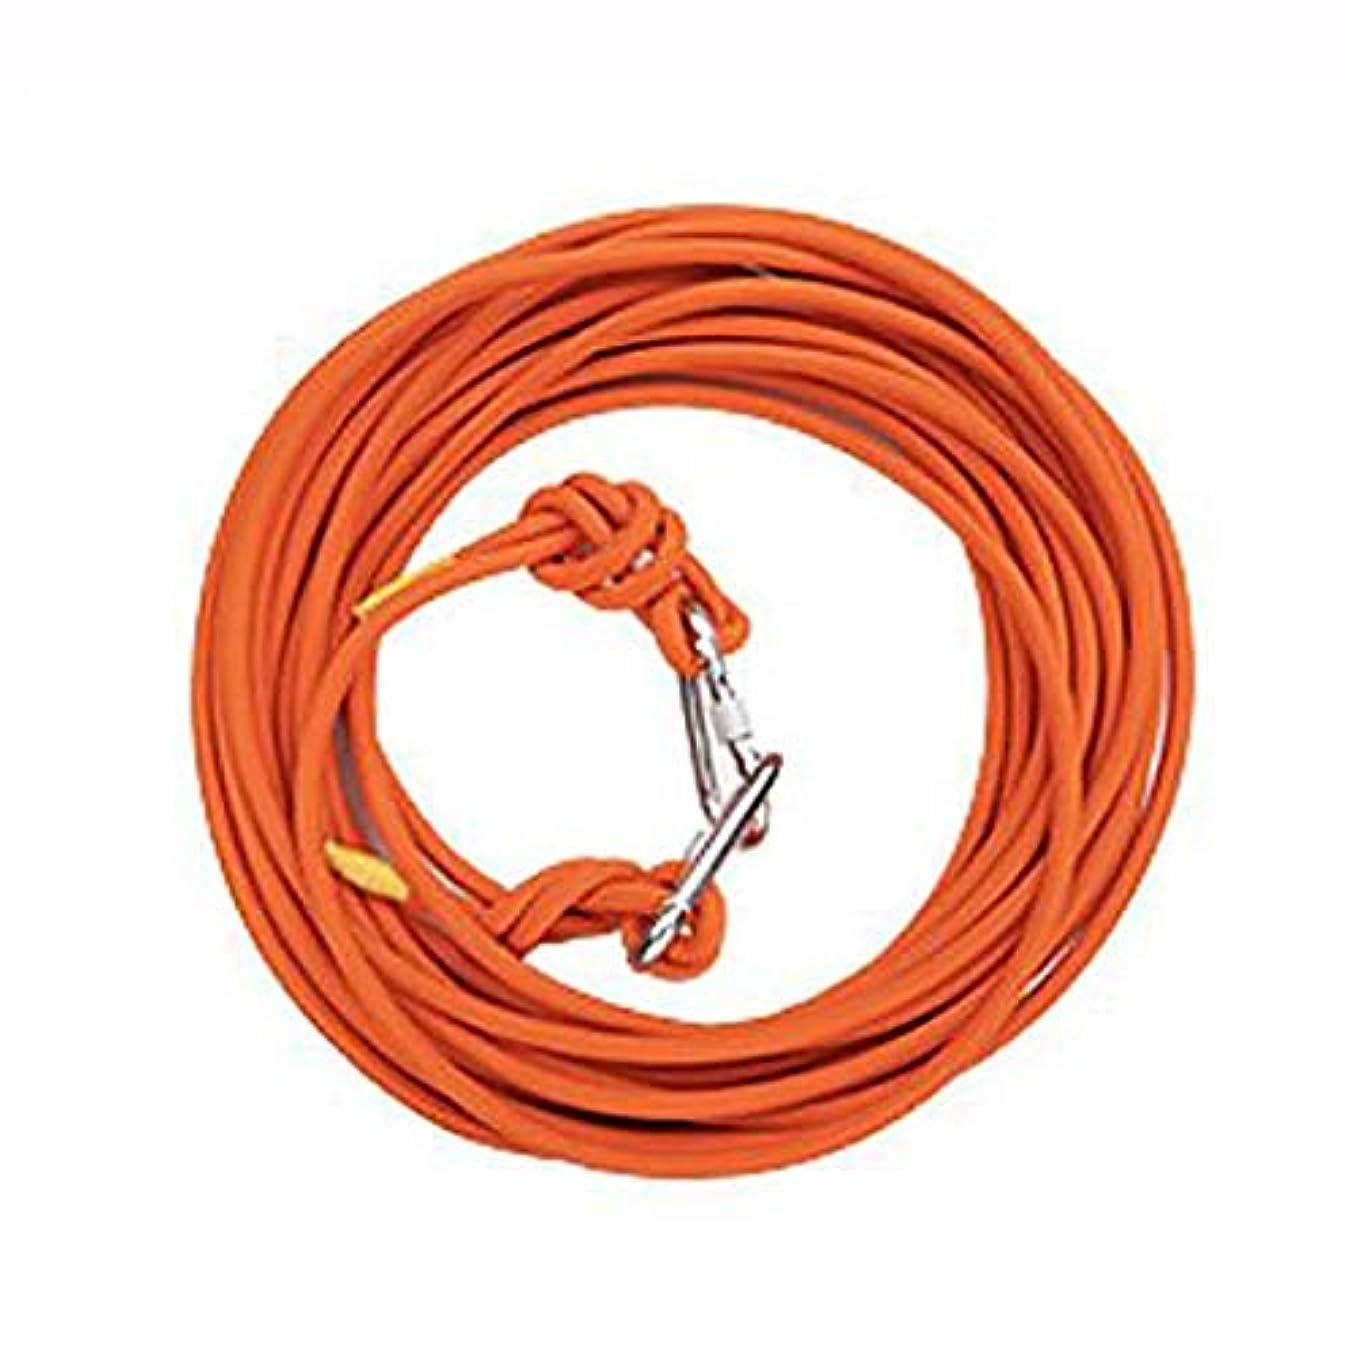 損なうあいにく宣教師ロープ(張り綱) ロープレスキューロープ家族緊急安全ロープワイヤーコアロープ直径10mm、鋼線3mm長さ10/15/20/30/40/50/60/70/80/90 / 100mオレンジ (サイズ さいず : 10M)